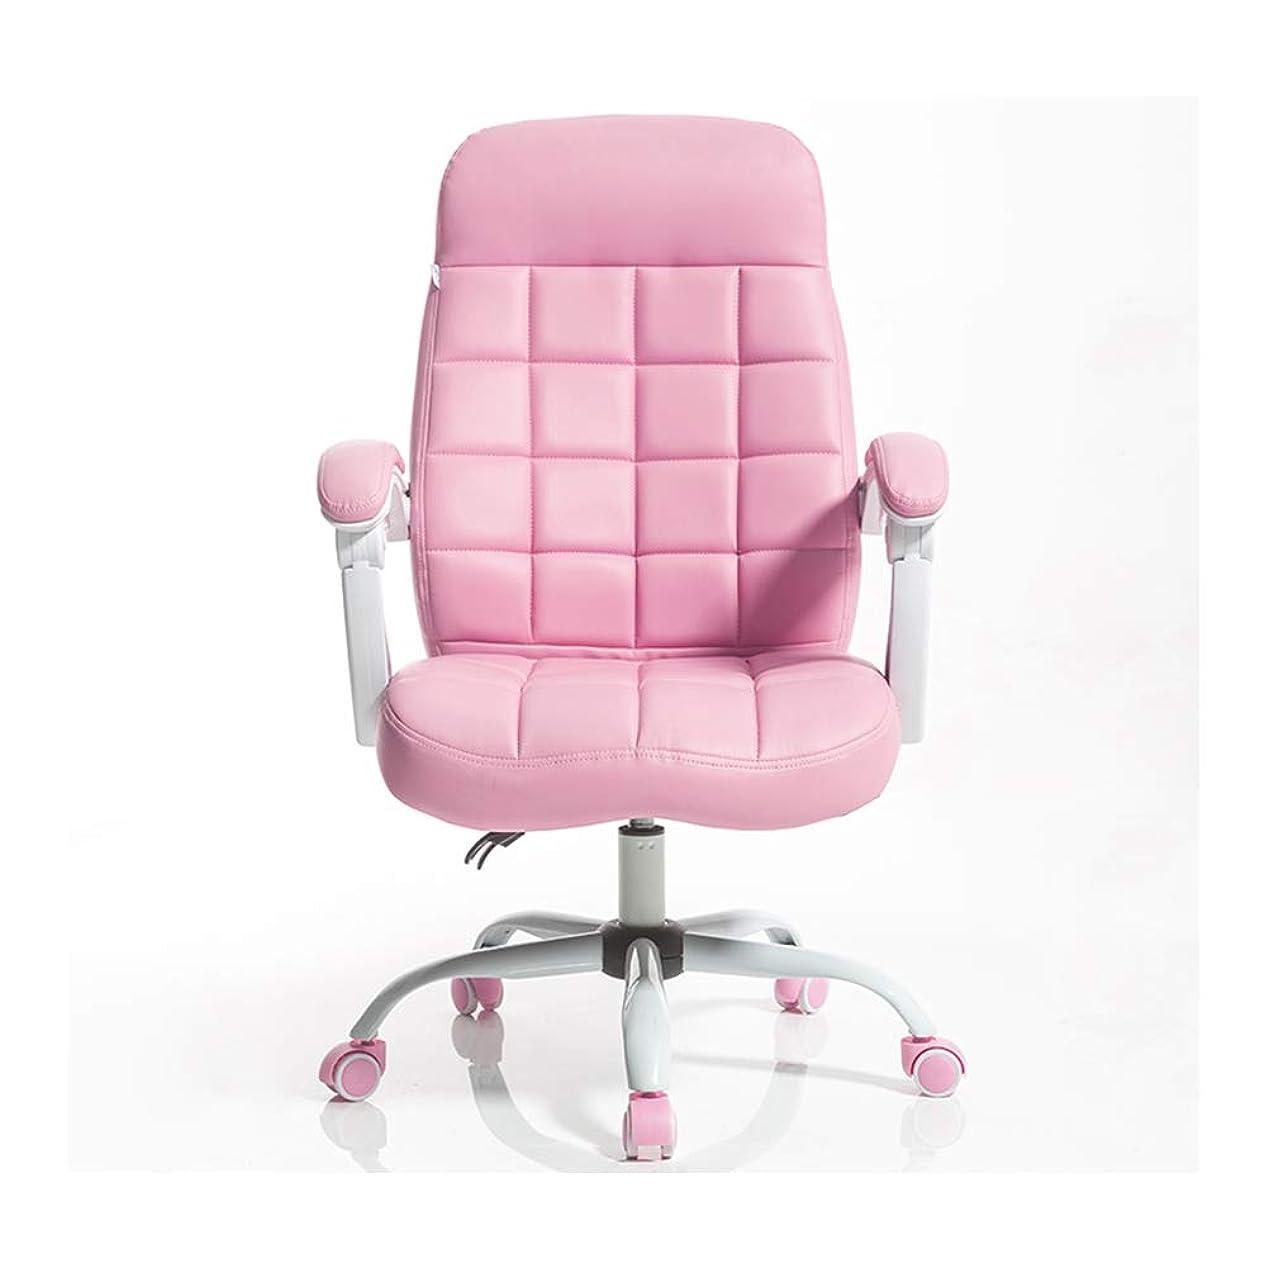 所得感謝する温度人間工学に基づいたリクライニングチェアのオフィス用コンピュータチェア、高さ調節可能なEスポーツゲームの回転椅子、フットレストとランバー